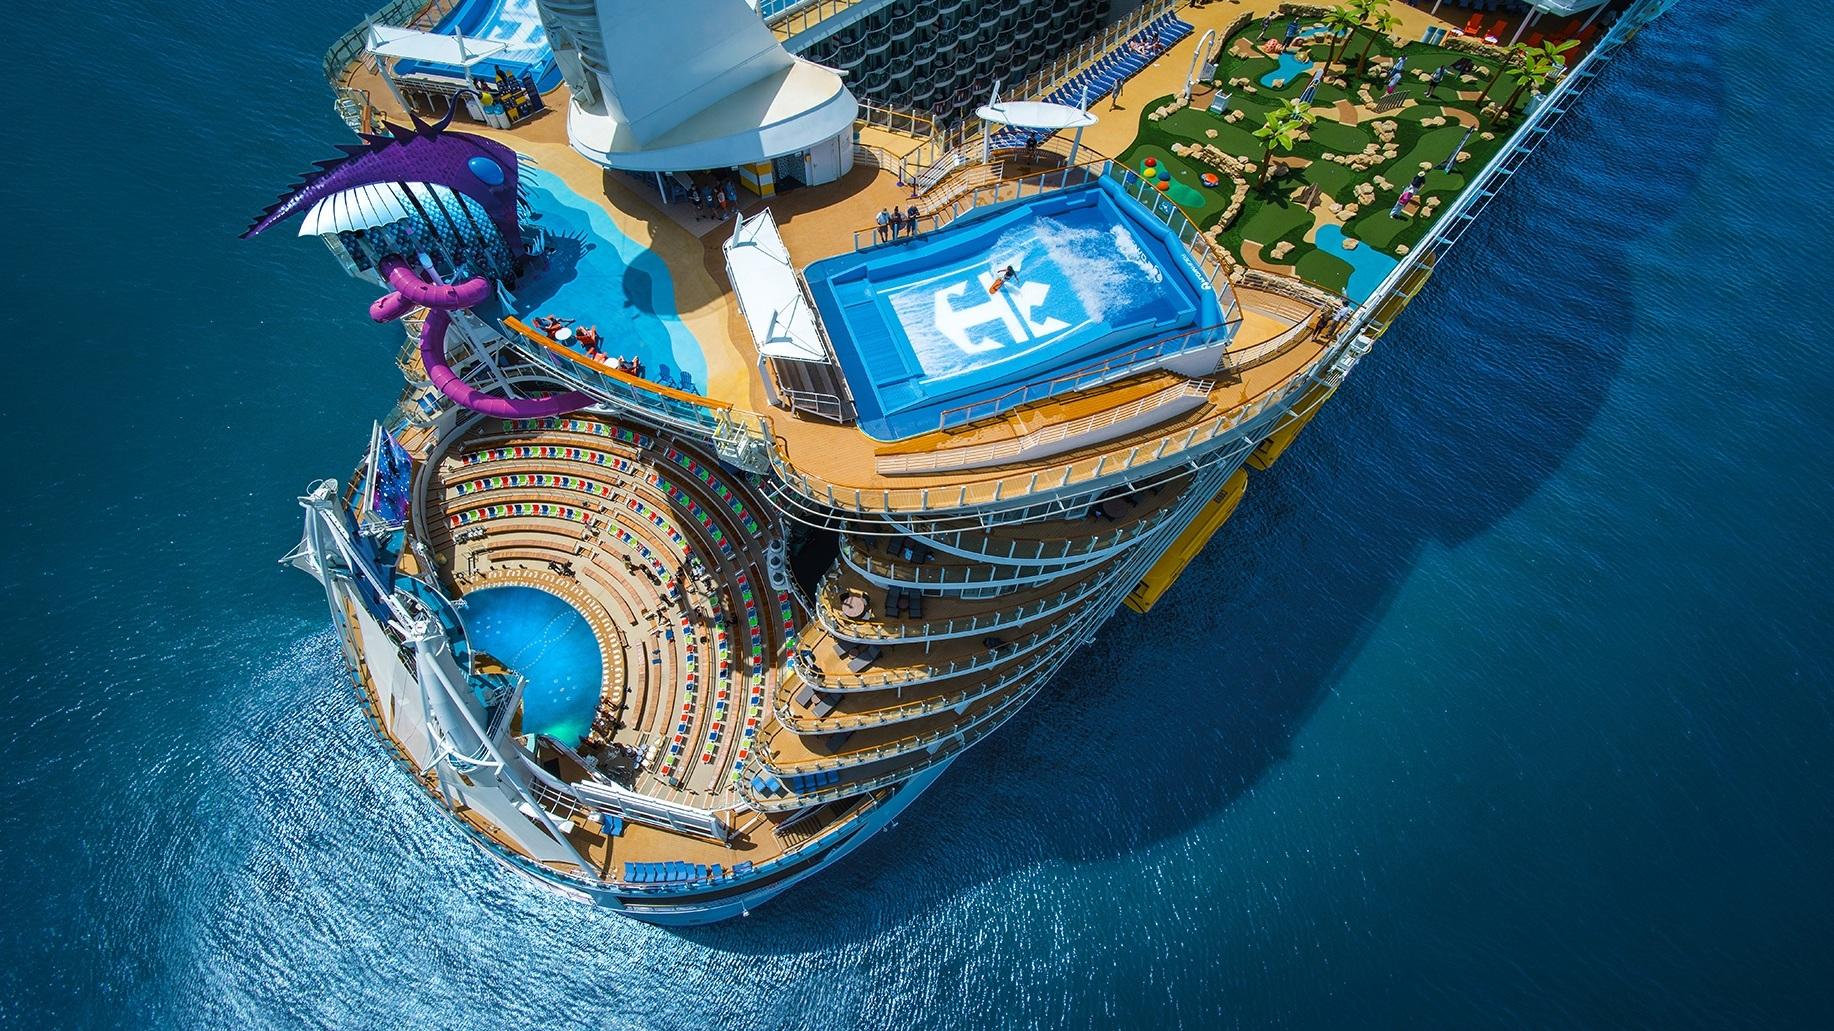 Royal Caribbean - Familjen i fokus. Royal Caribbean har flera fina rutter från Miami, Port Canaveral och Fort Lauderdale. Massor av aktiviteter ombord.